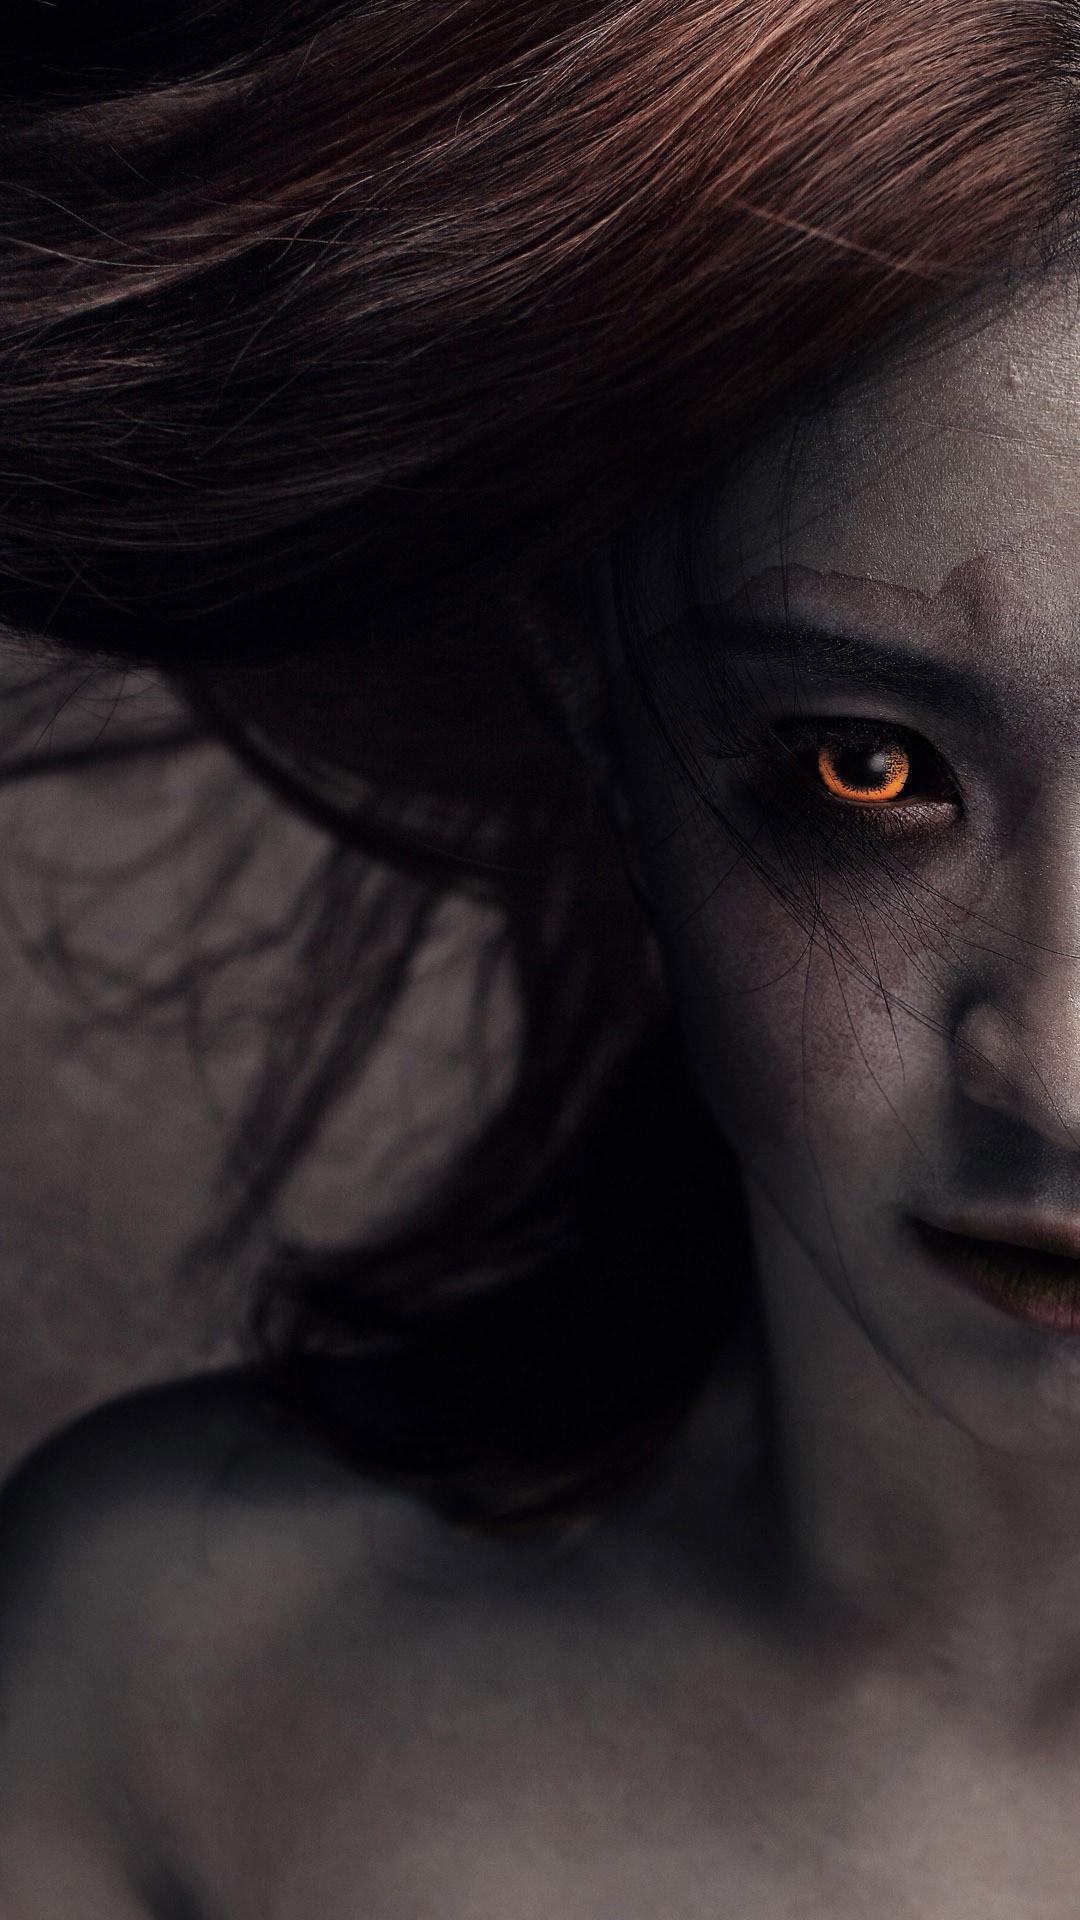 Scary Girl Wallpaper Demon Girl Wallpaper 69 Images